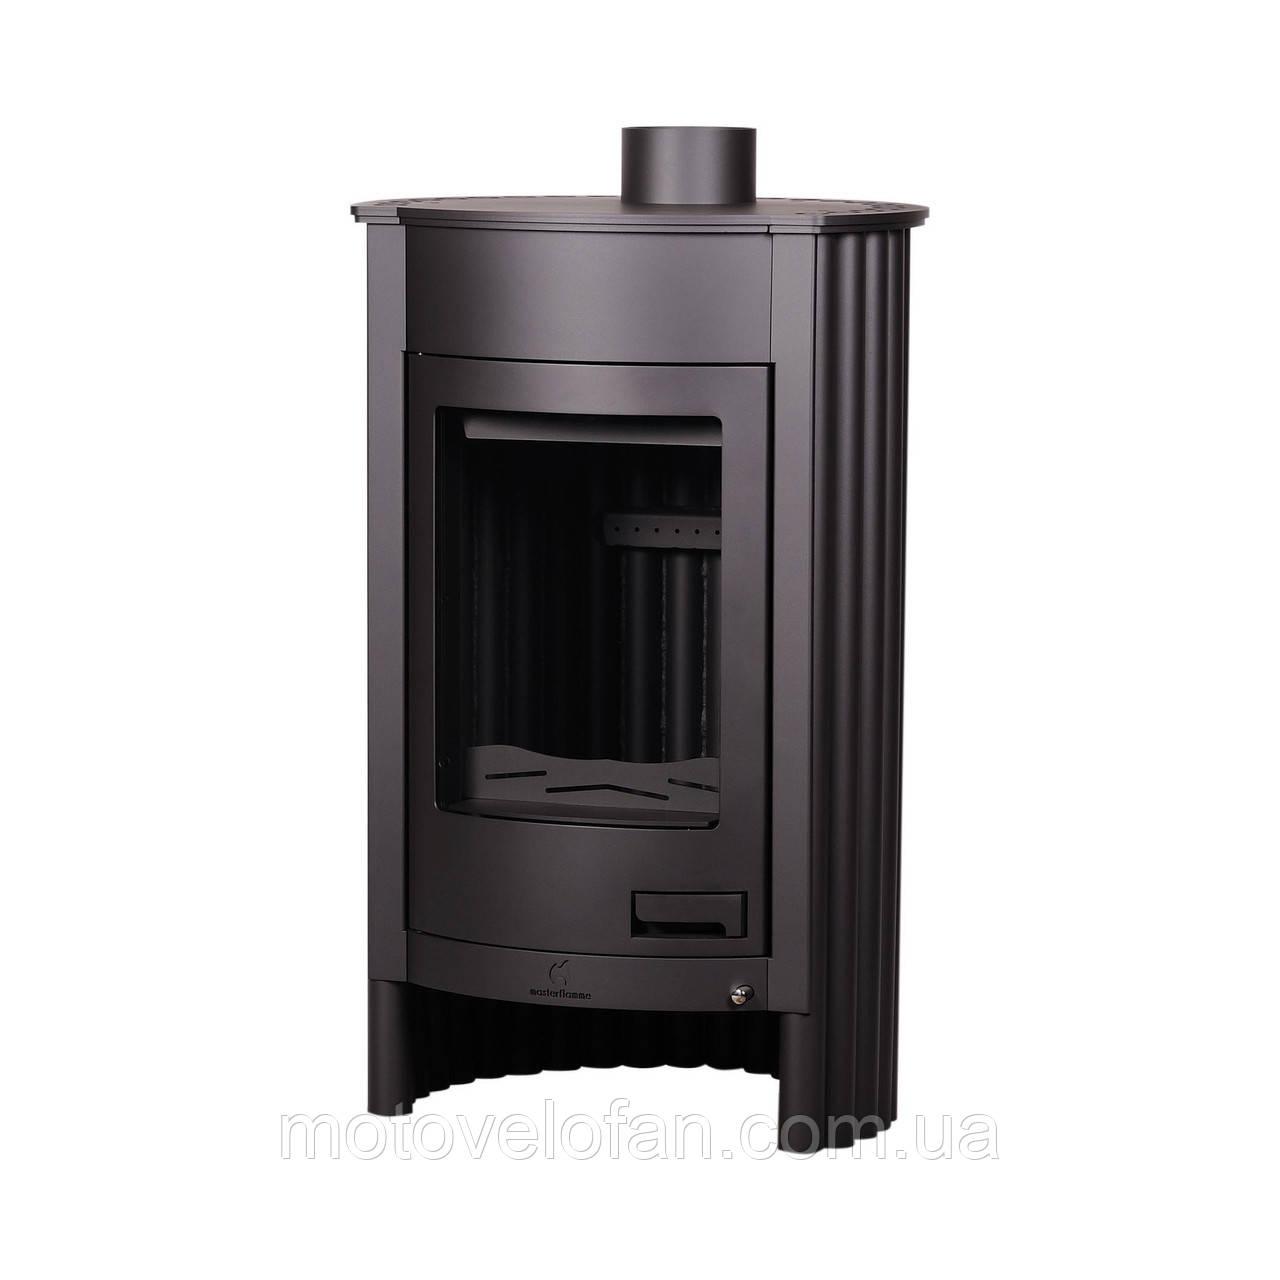 Отопительная печь-камин длительного горения Masterflamme Medie I (черный)